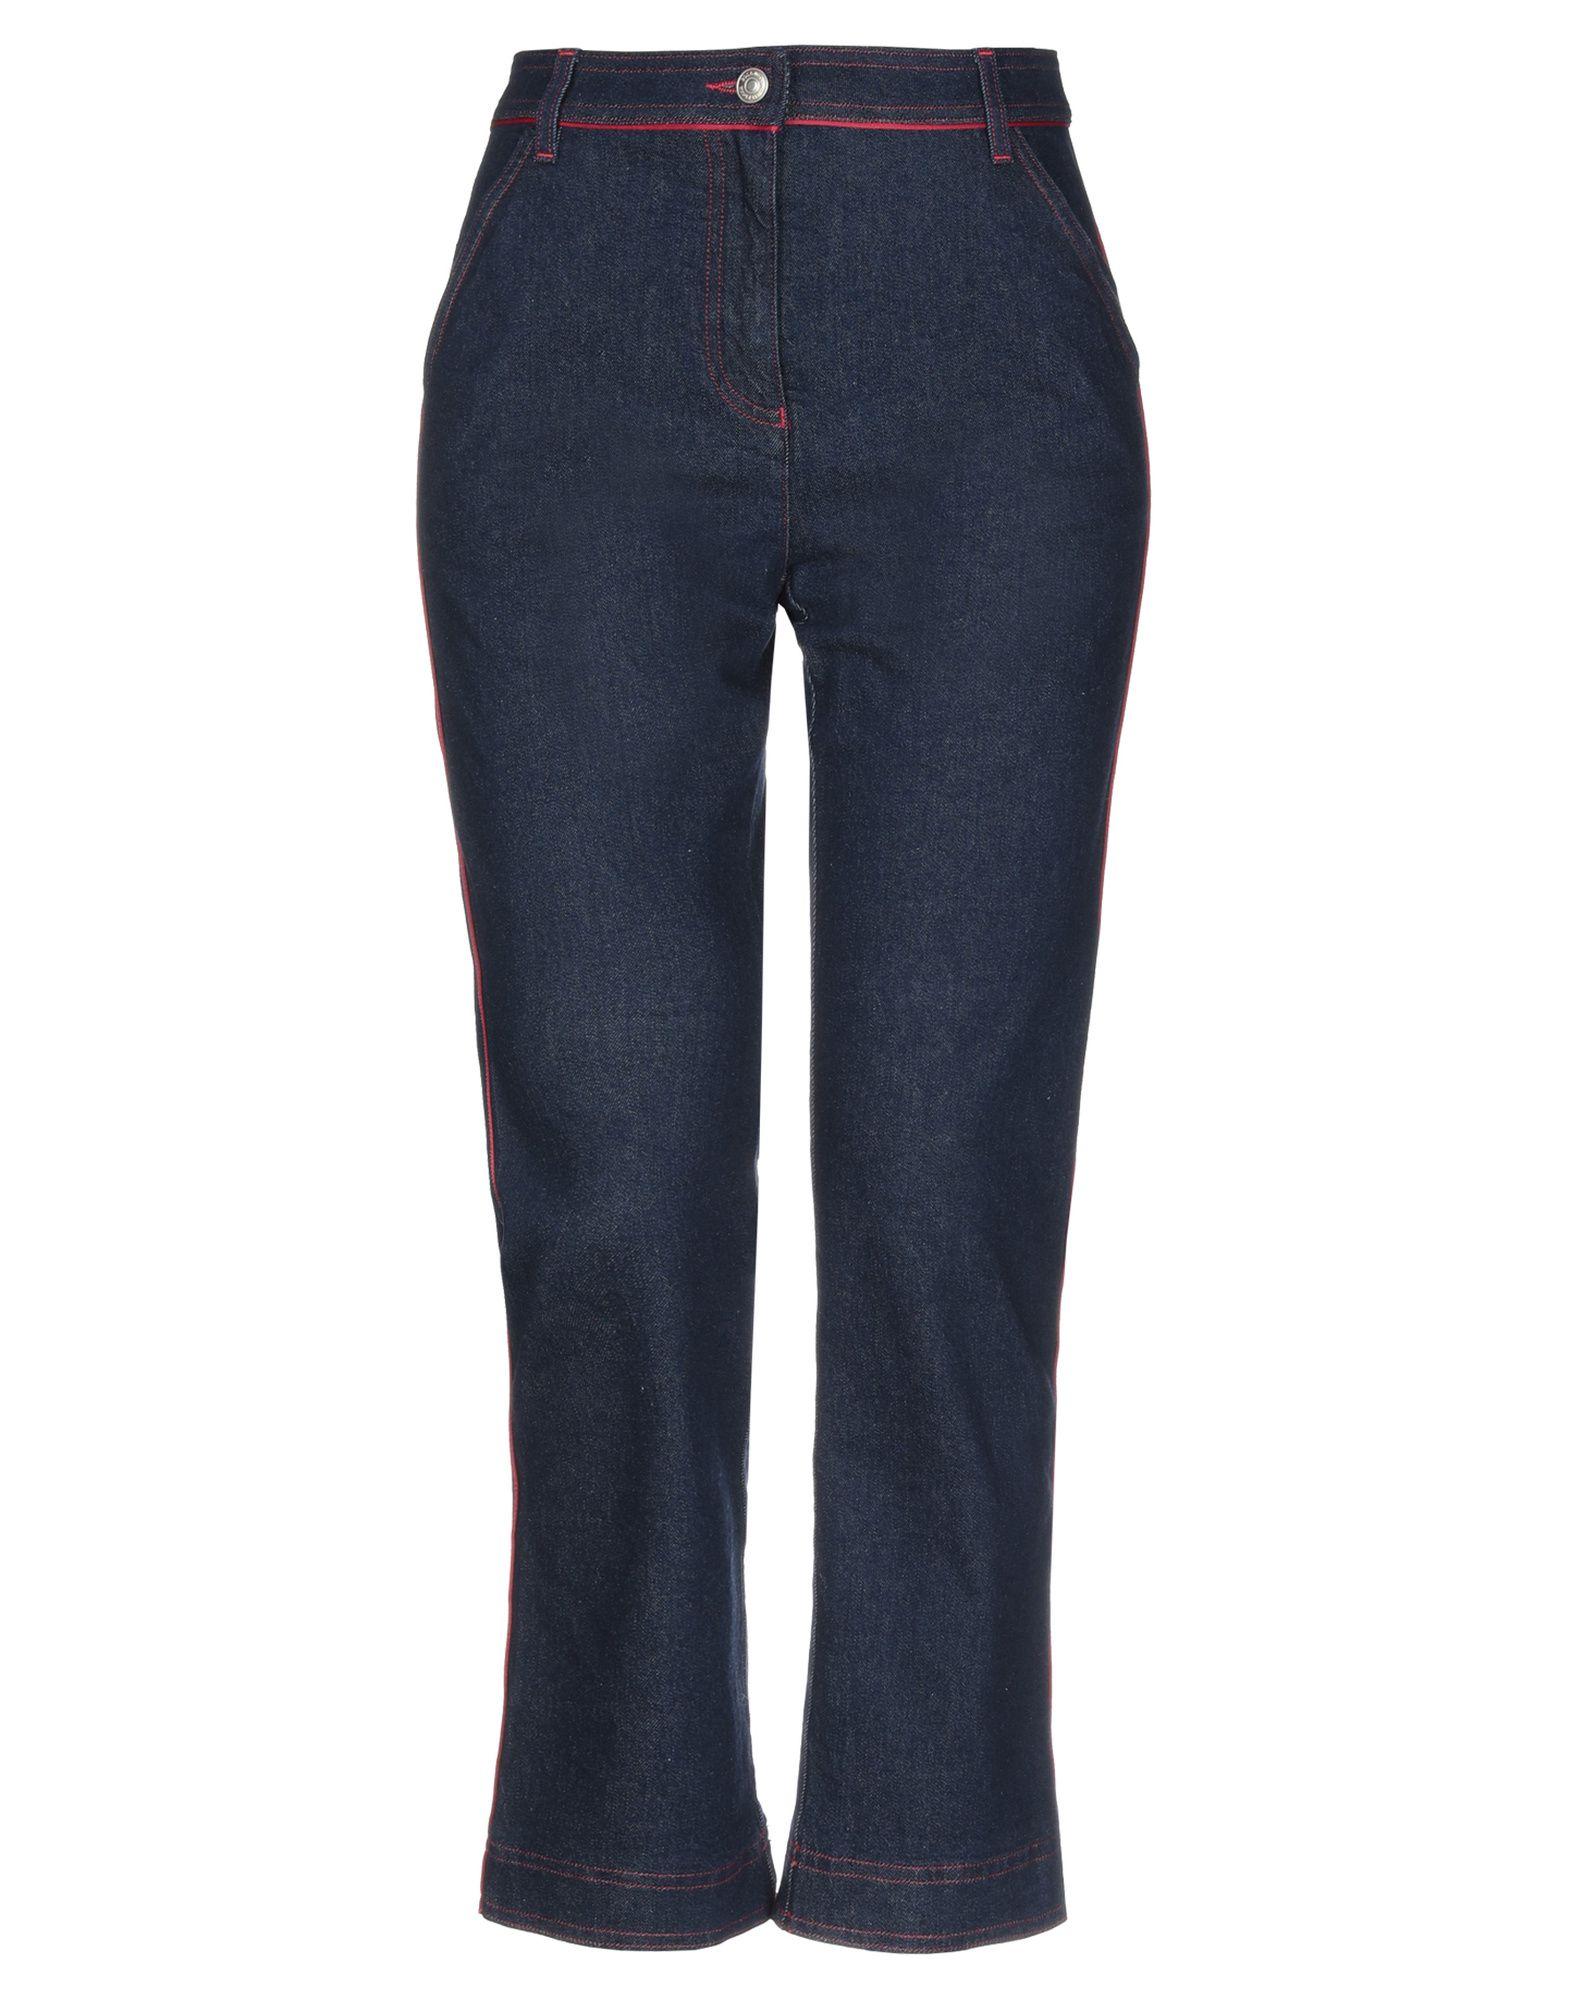 HILFIGER COLLECTION Джинсовые брюки brock collection джинсовые брюки